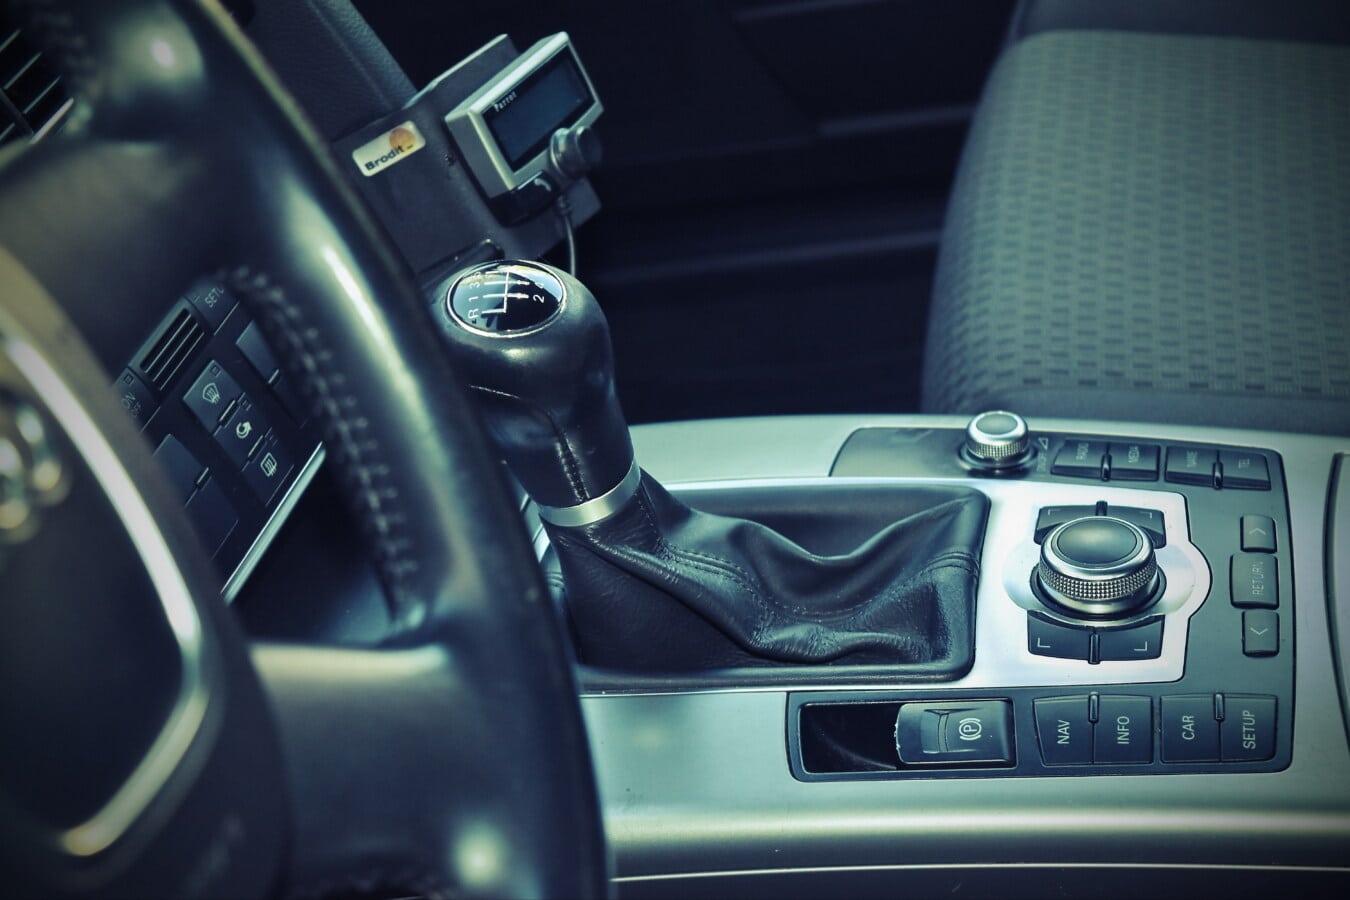 档, 汽车座椅, 控制面板, 仪表板, 汽车, 运输, 汽车, 设备, 车辆, 机制